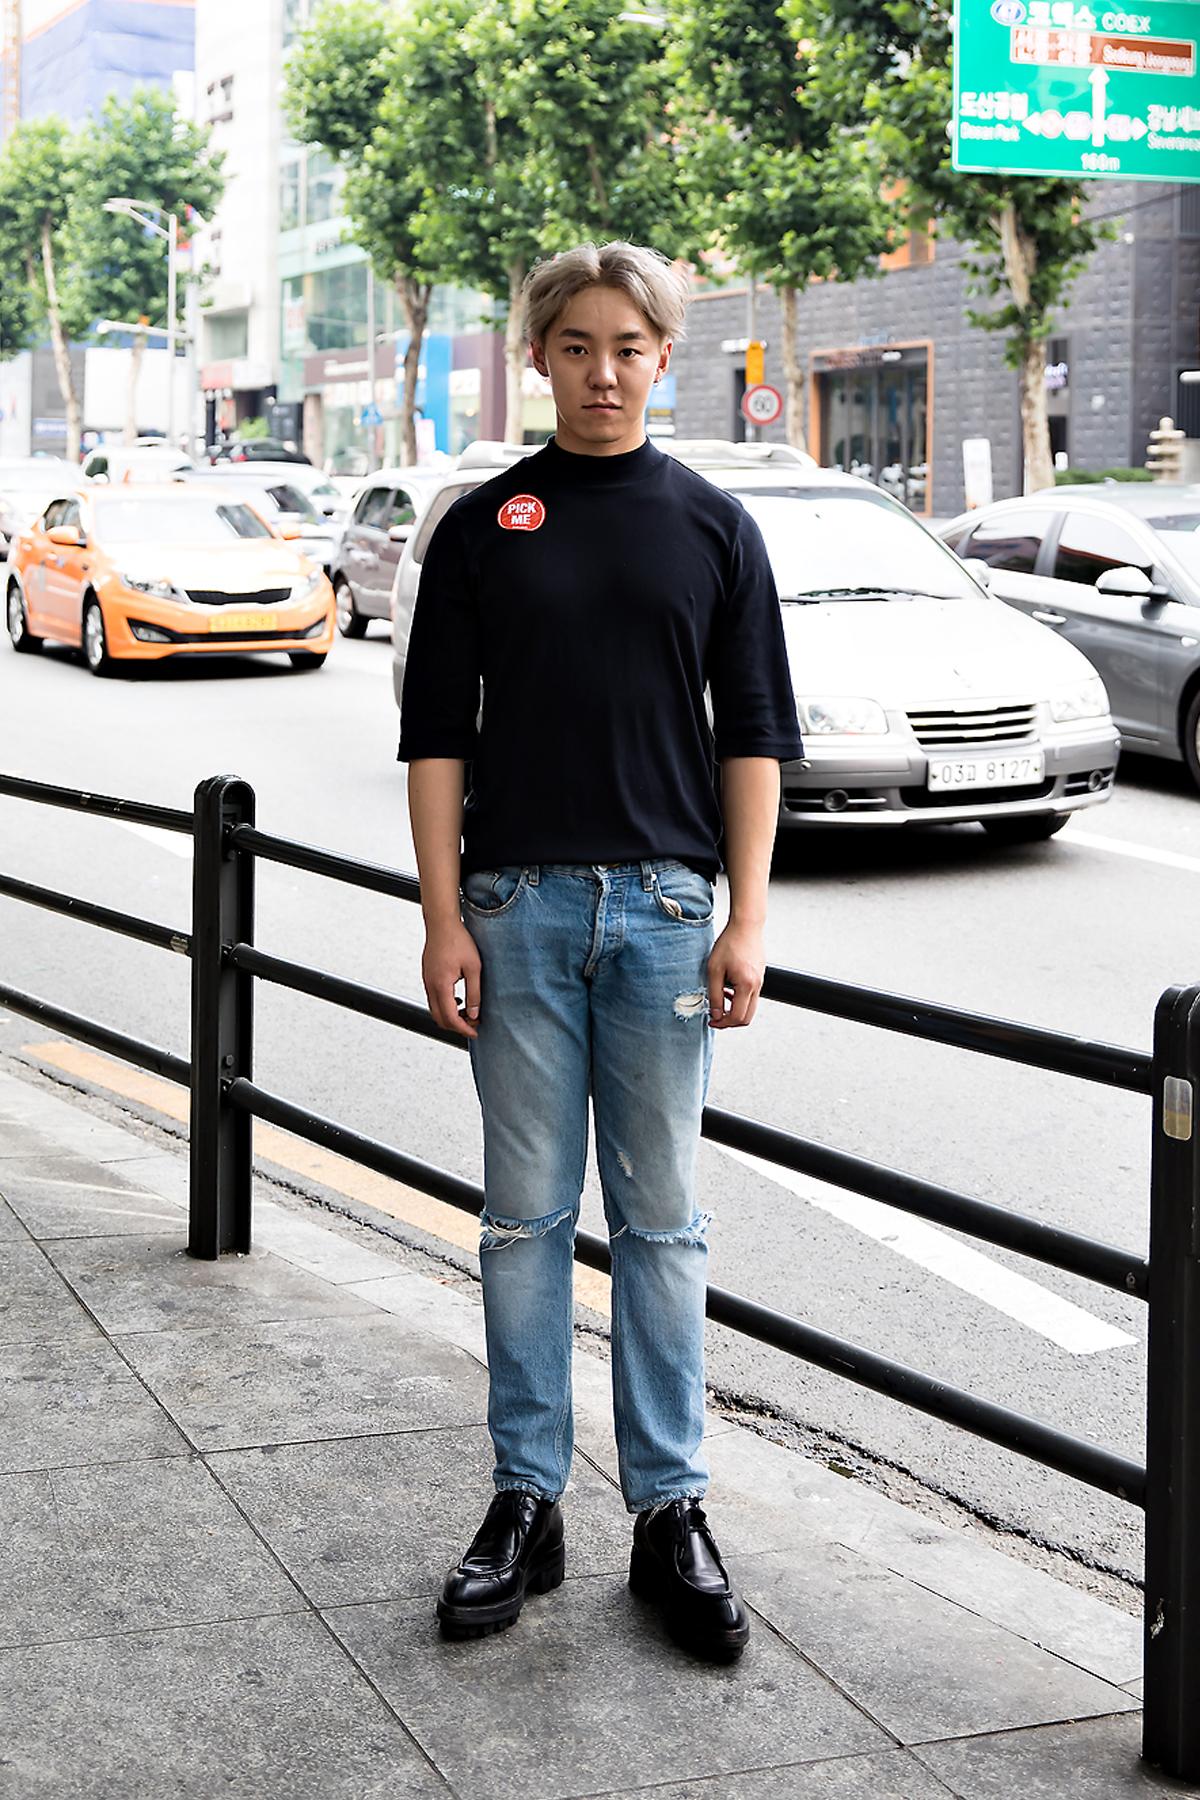 Kang Yohan, Street Fashion 2017 in Seoul.jpg